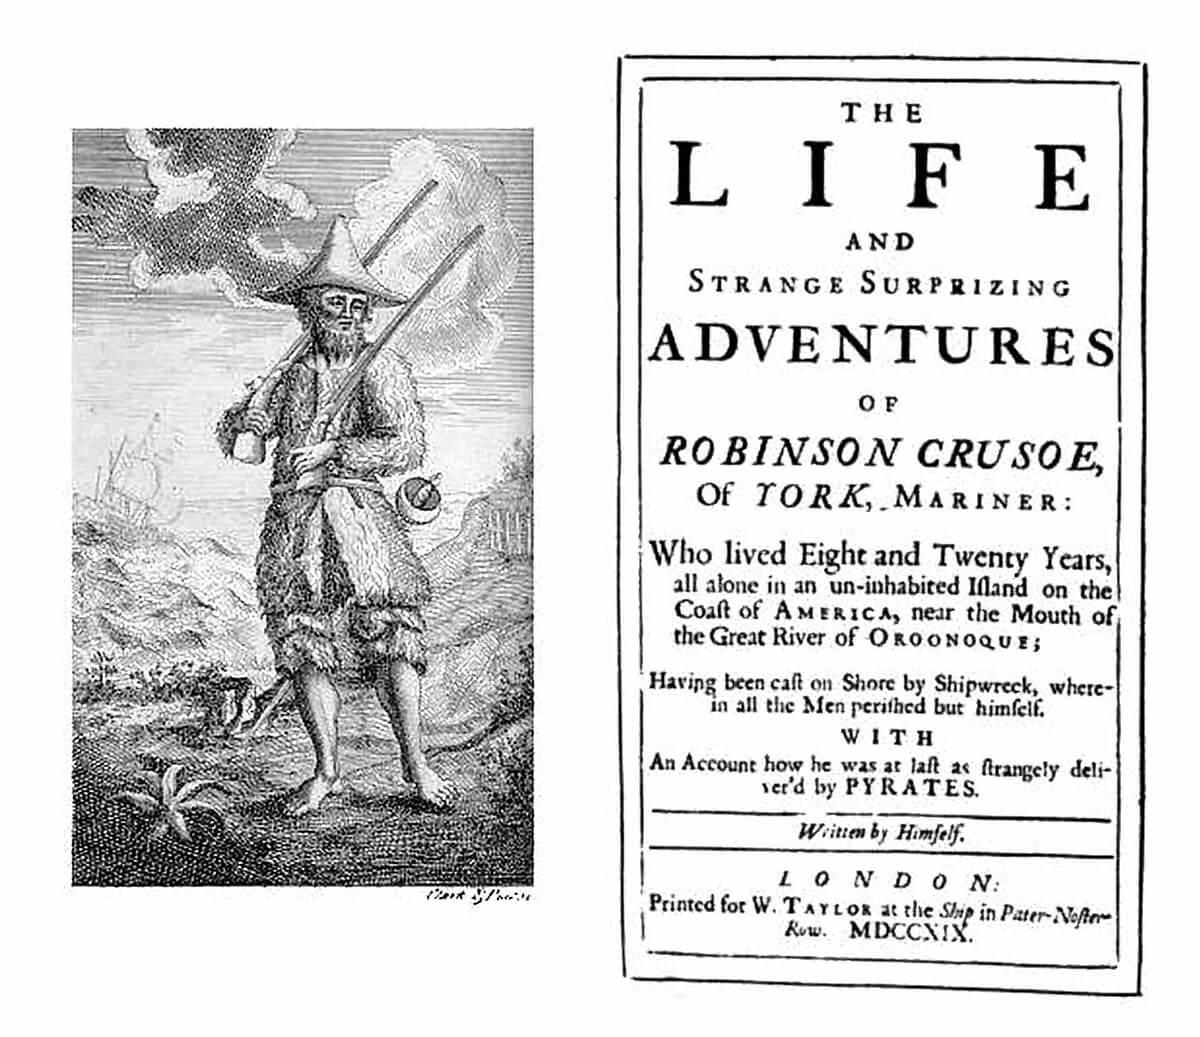 A Robinson-lista és a Robinson Crusoe című könyv kapcsolata